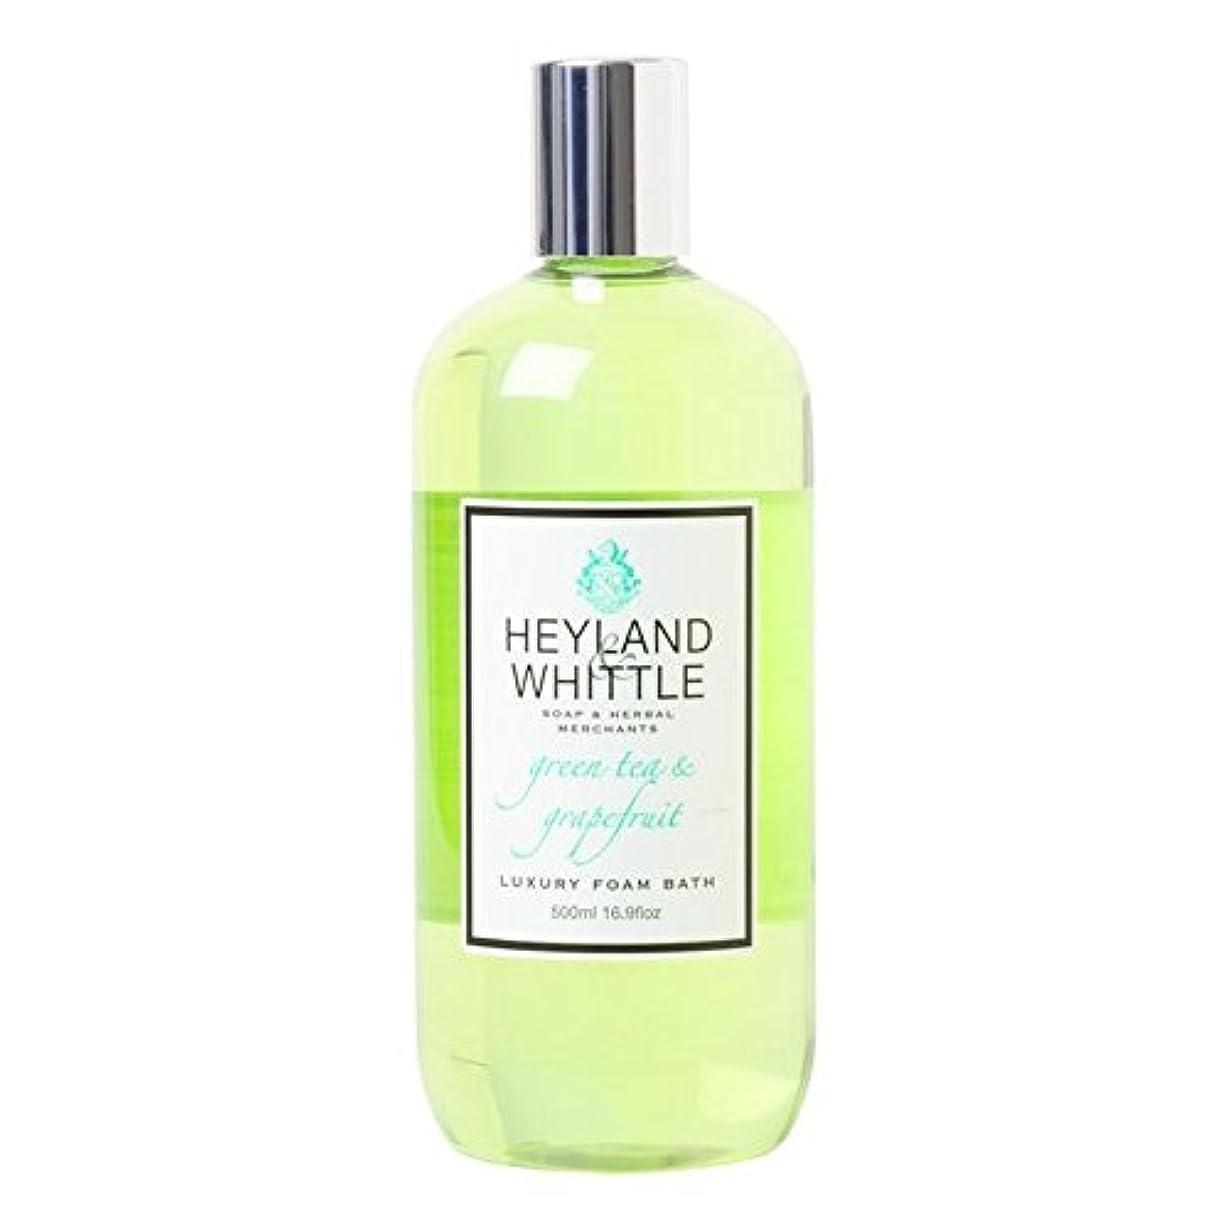 ライオン漫画シニス&削るグリーンティ&グレープフルーツ泡風呂500ミリリットル x4 - Heyland & Whittle Greentea & Grapefruit Foam Bath 500ml (Pack of 4) [並行輸入品]